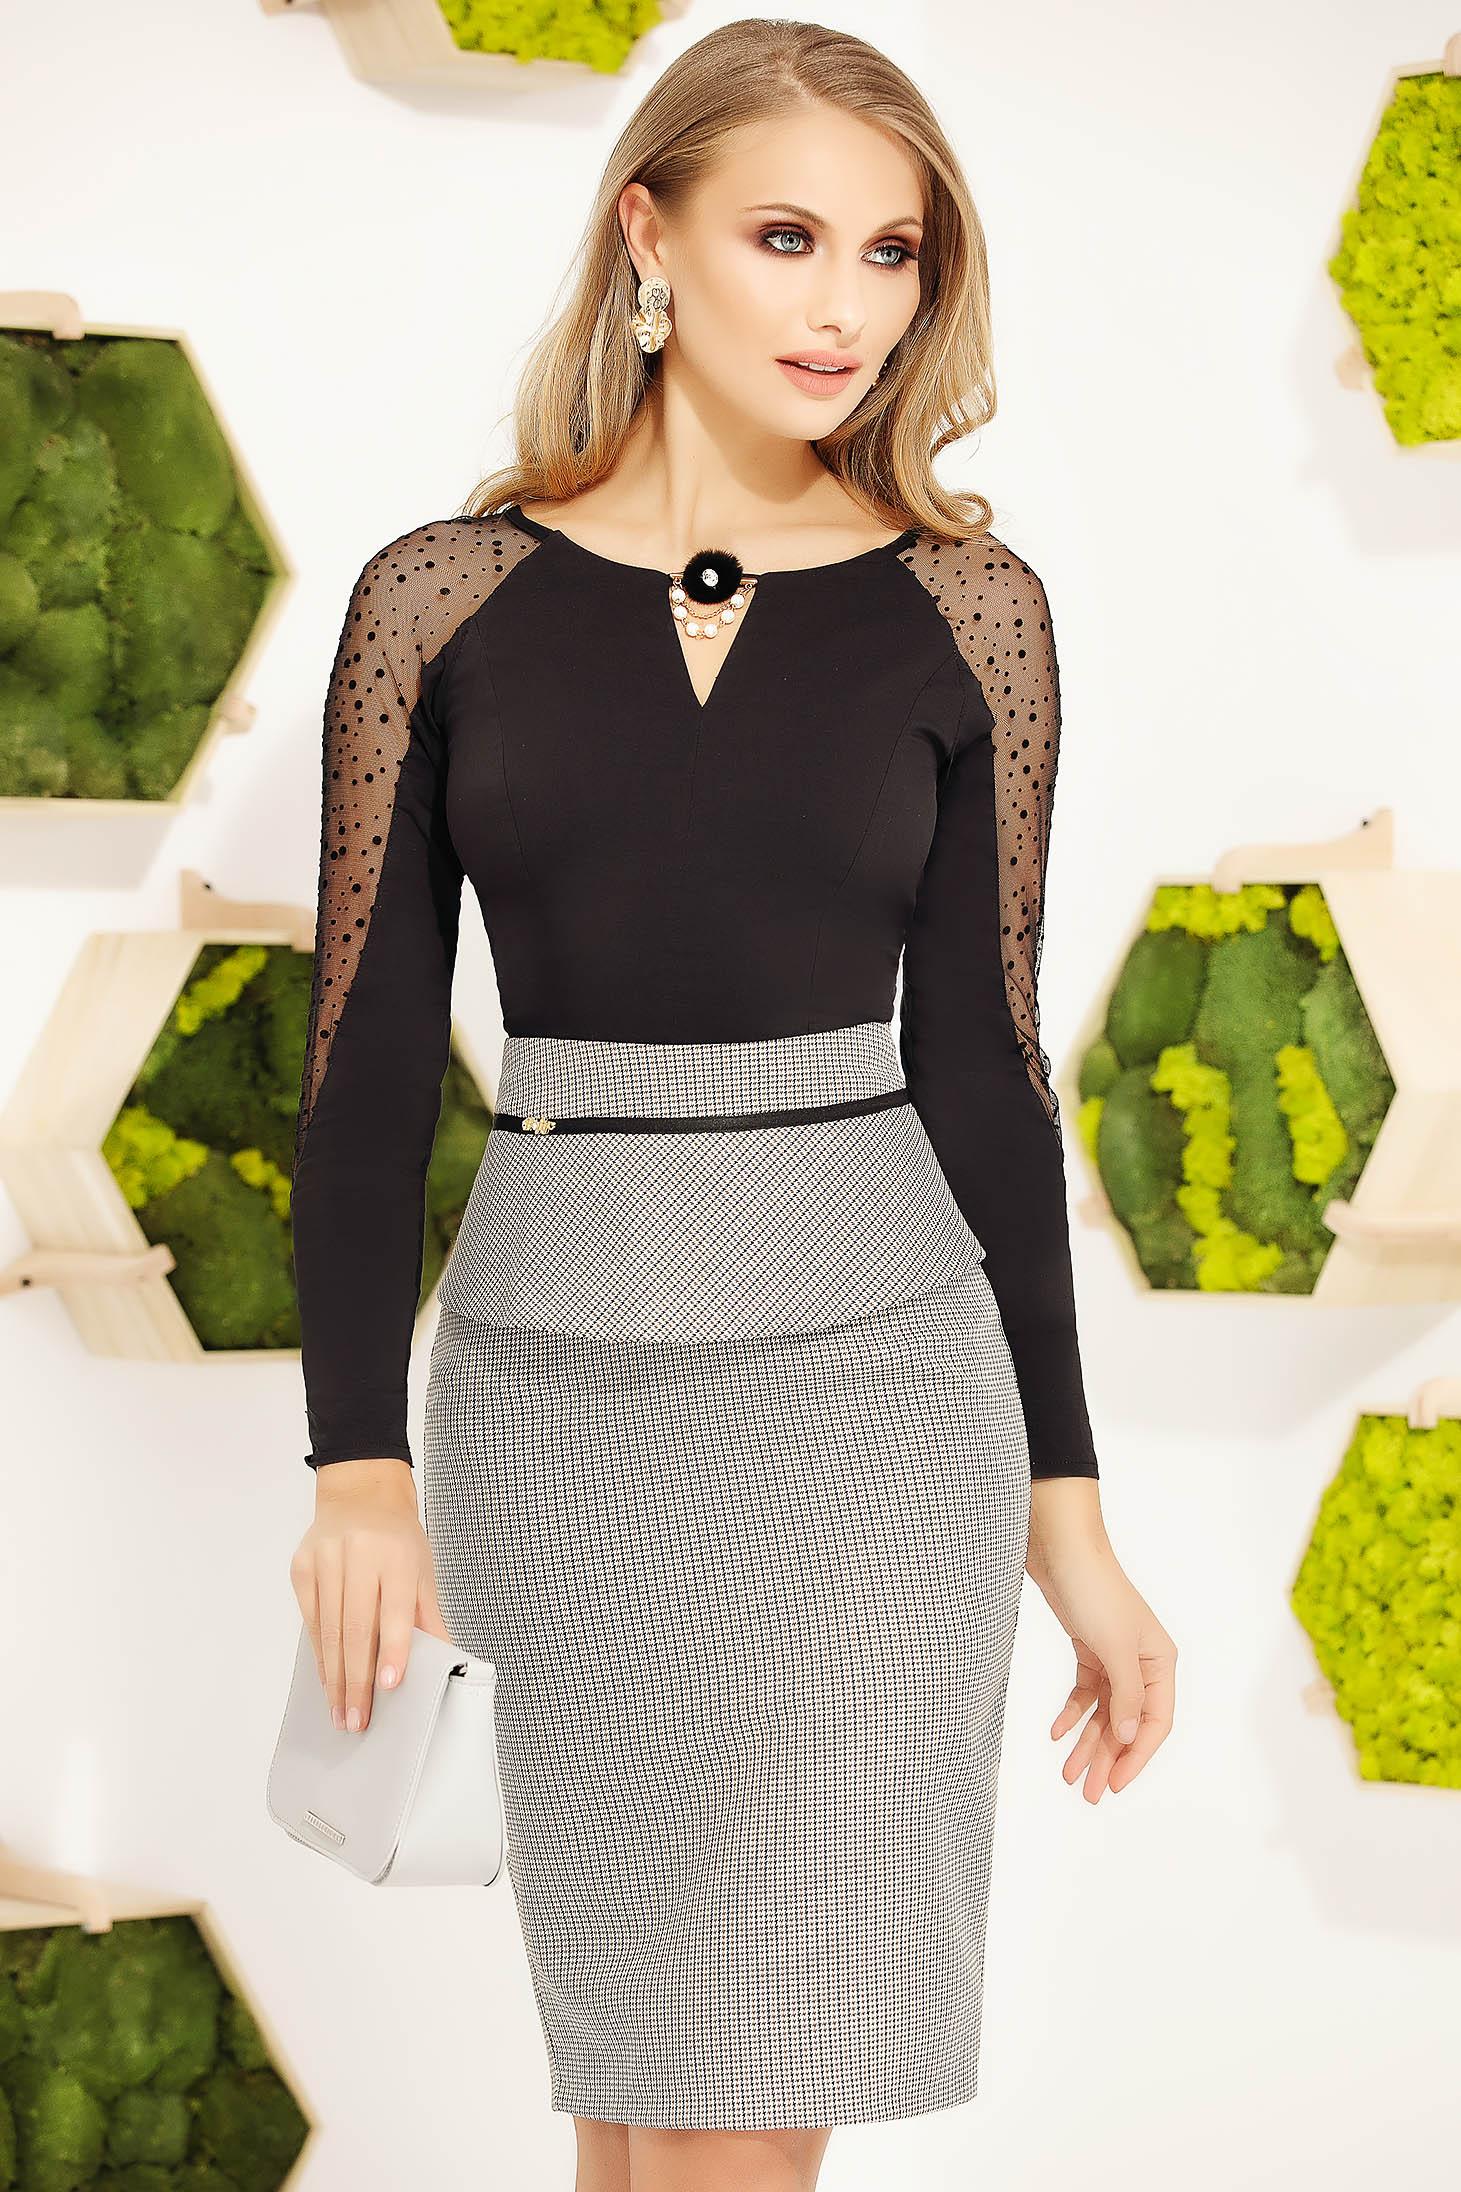 Camasa dama Fofy office neagra cu aplicatii cu pietre strass aplicate pe tul cu accesoriu in forma de floare cu perle